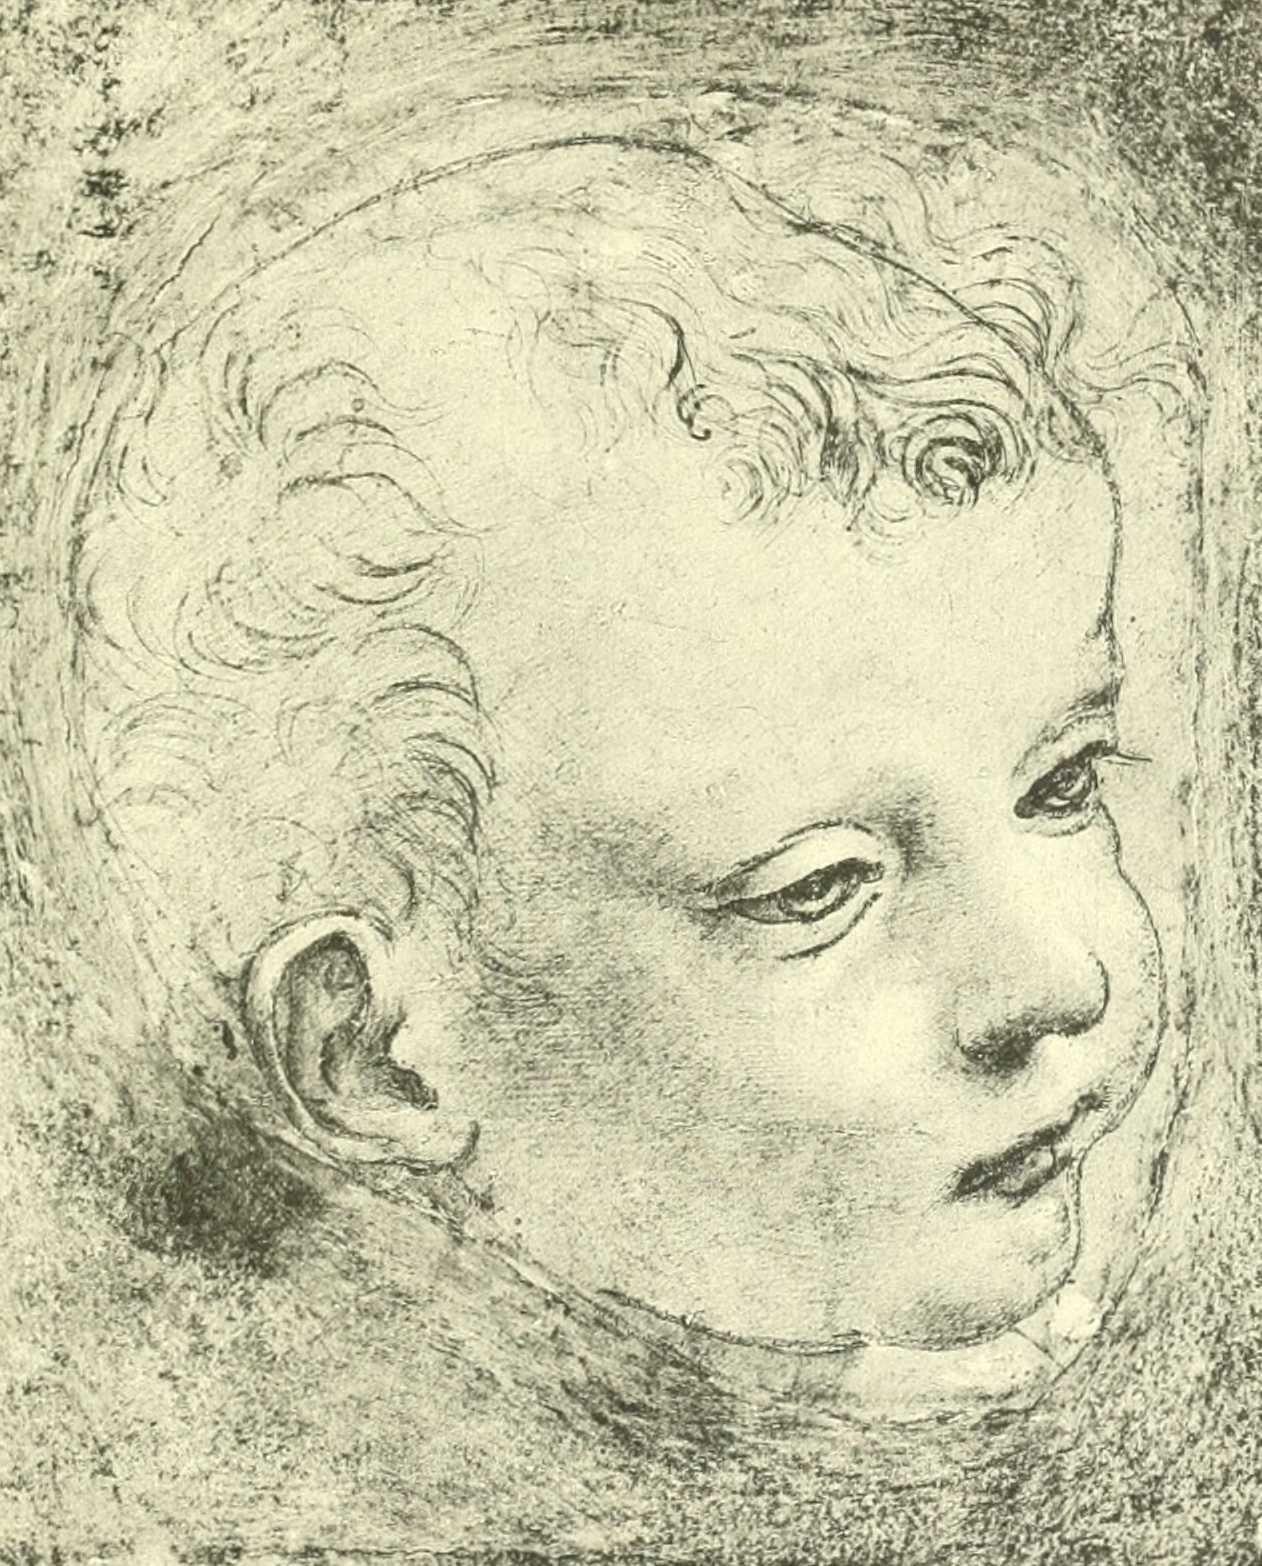 Dessins l onard de vinci dessins leonard de vinci tete d enfant cheveux clairsemes sur le - Photo leonard de vinci ...